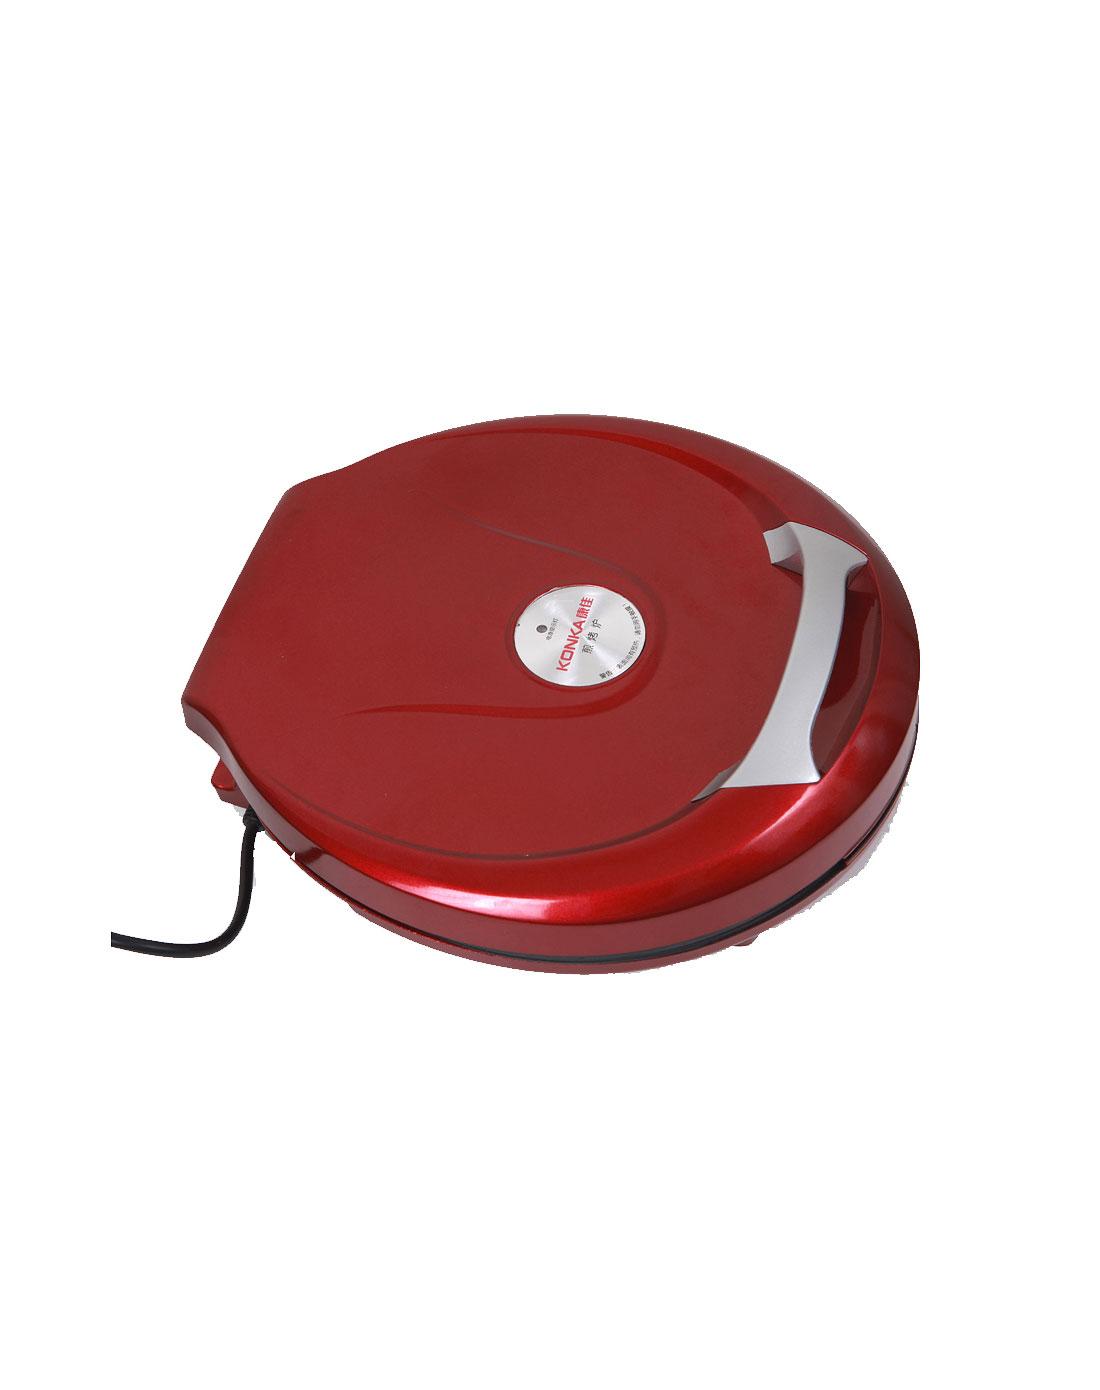 康佳生活电器中国红煎烤炉(电饼铛)30cm